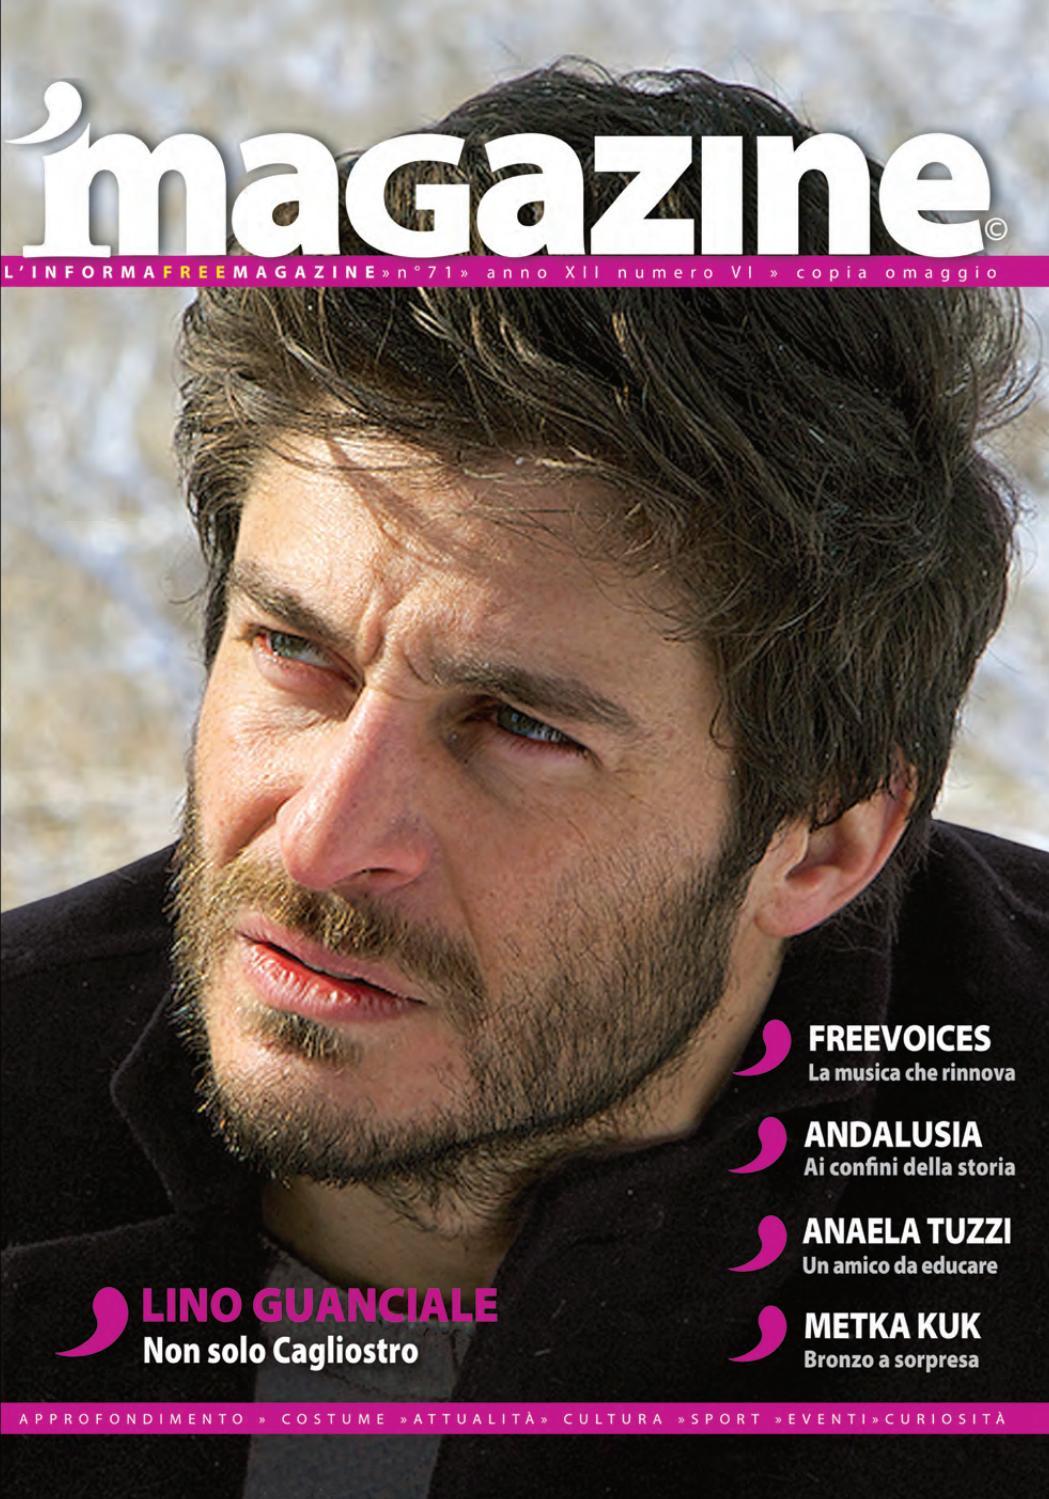 Imagazine 71 by andrea zuttion issuu for Libri in italiano